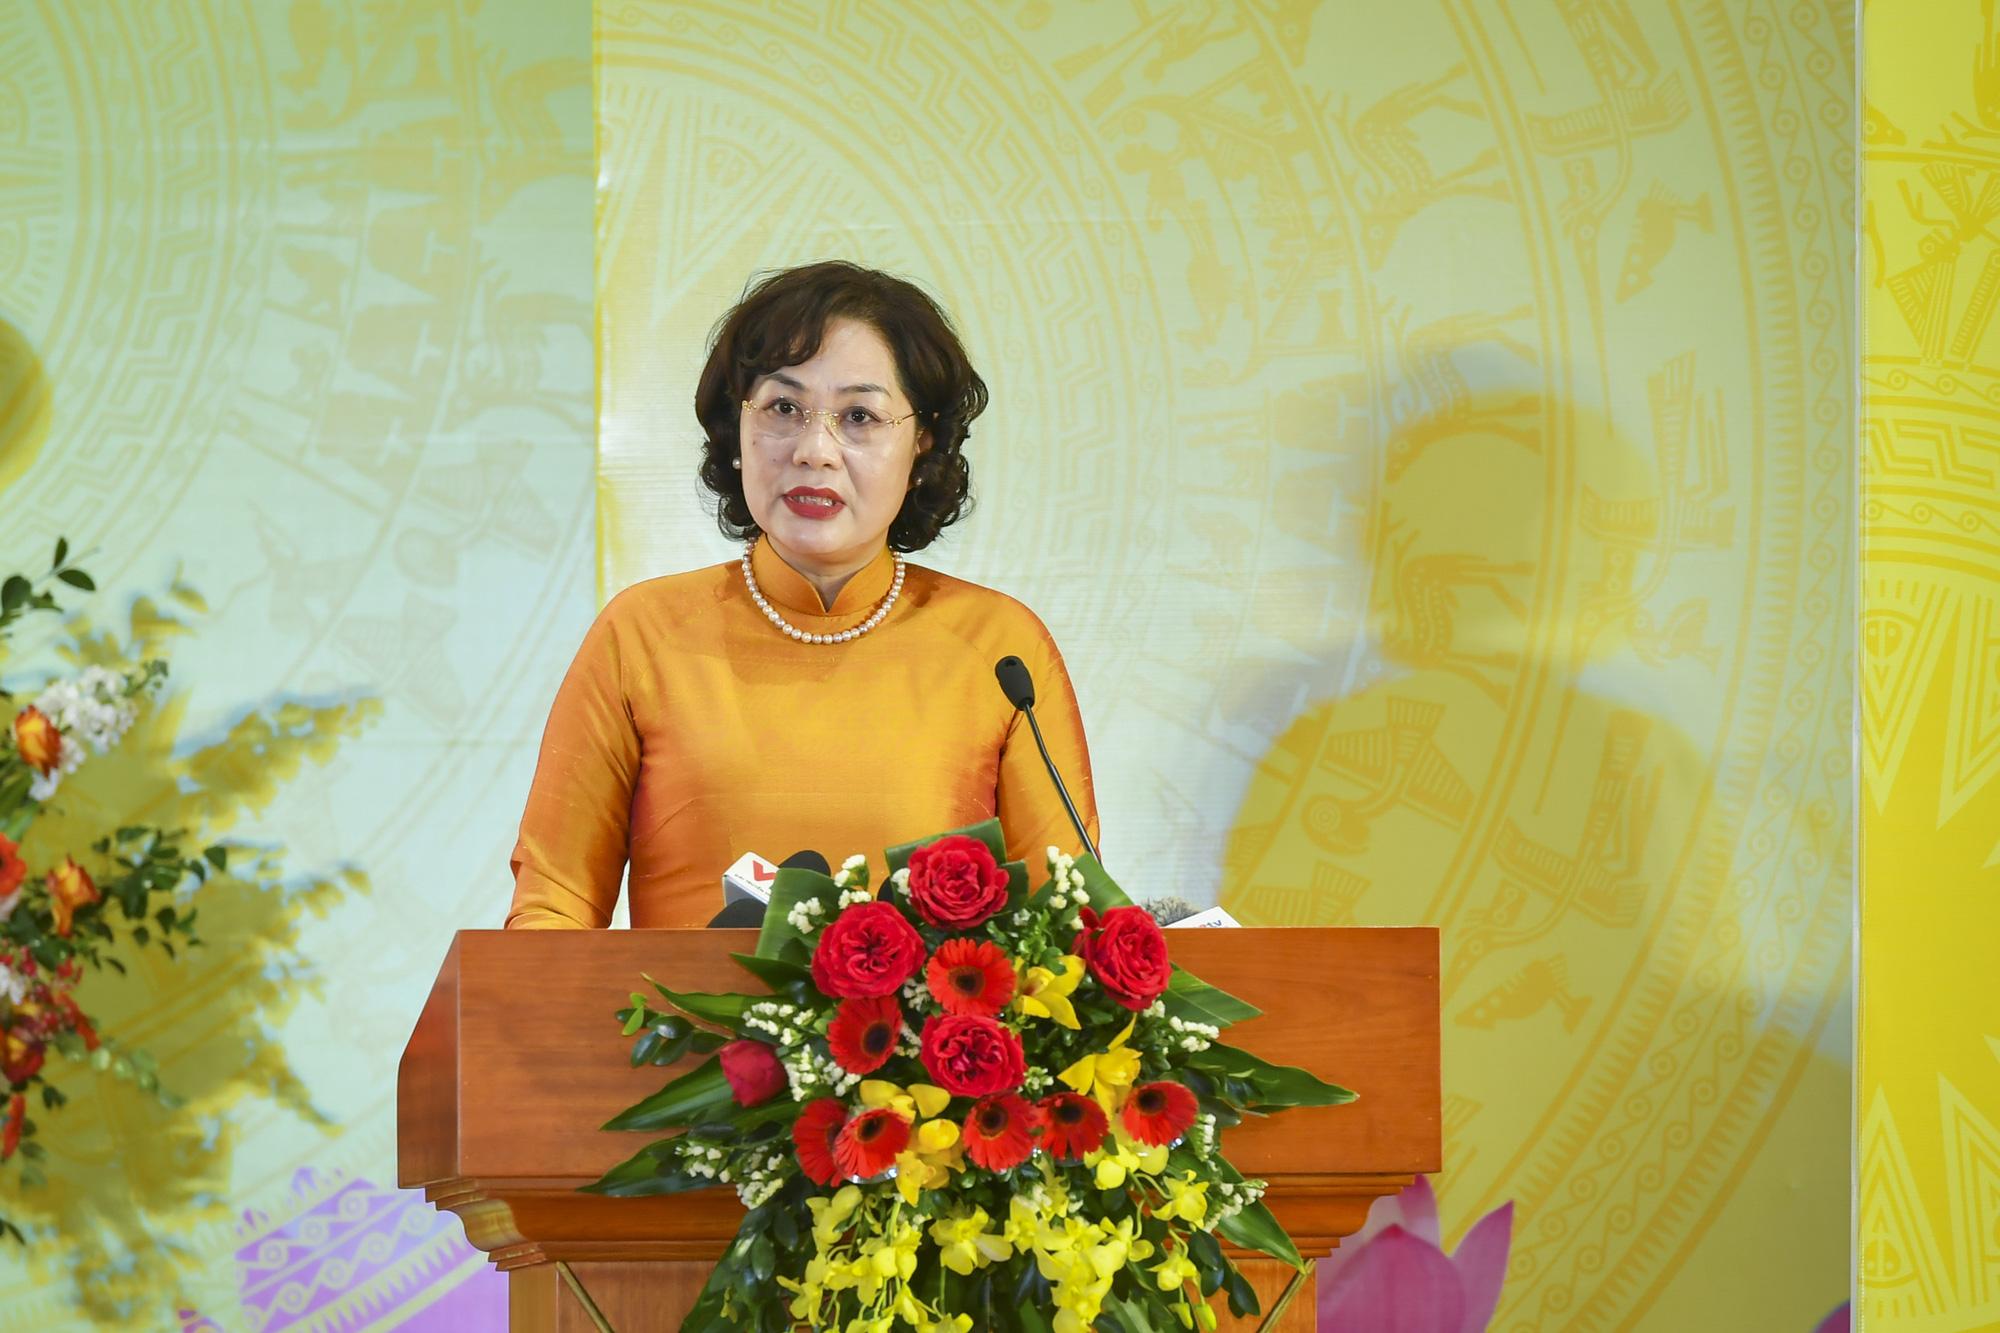 """Chủ tịch Quốc hội Nguyễn Thị Kim Ngân: """"Nhiệm vụ của ngành ngân hàng còn rất nặng nề"""" - Ảnh 2."""